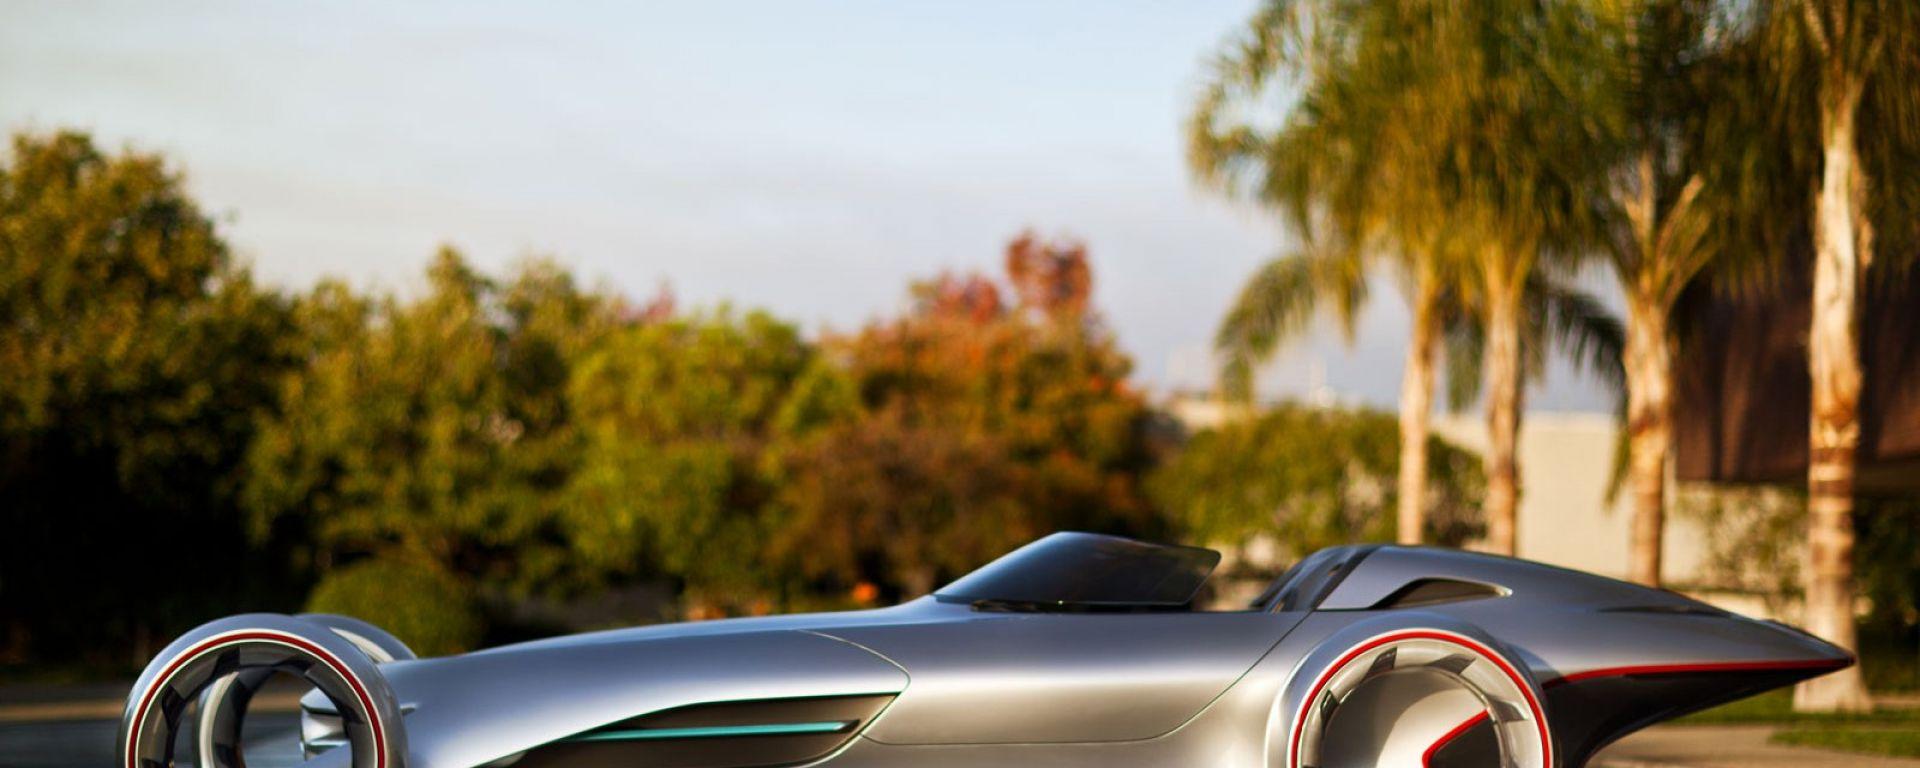 Mercedes-Benz Silver Arrow Concept